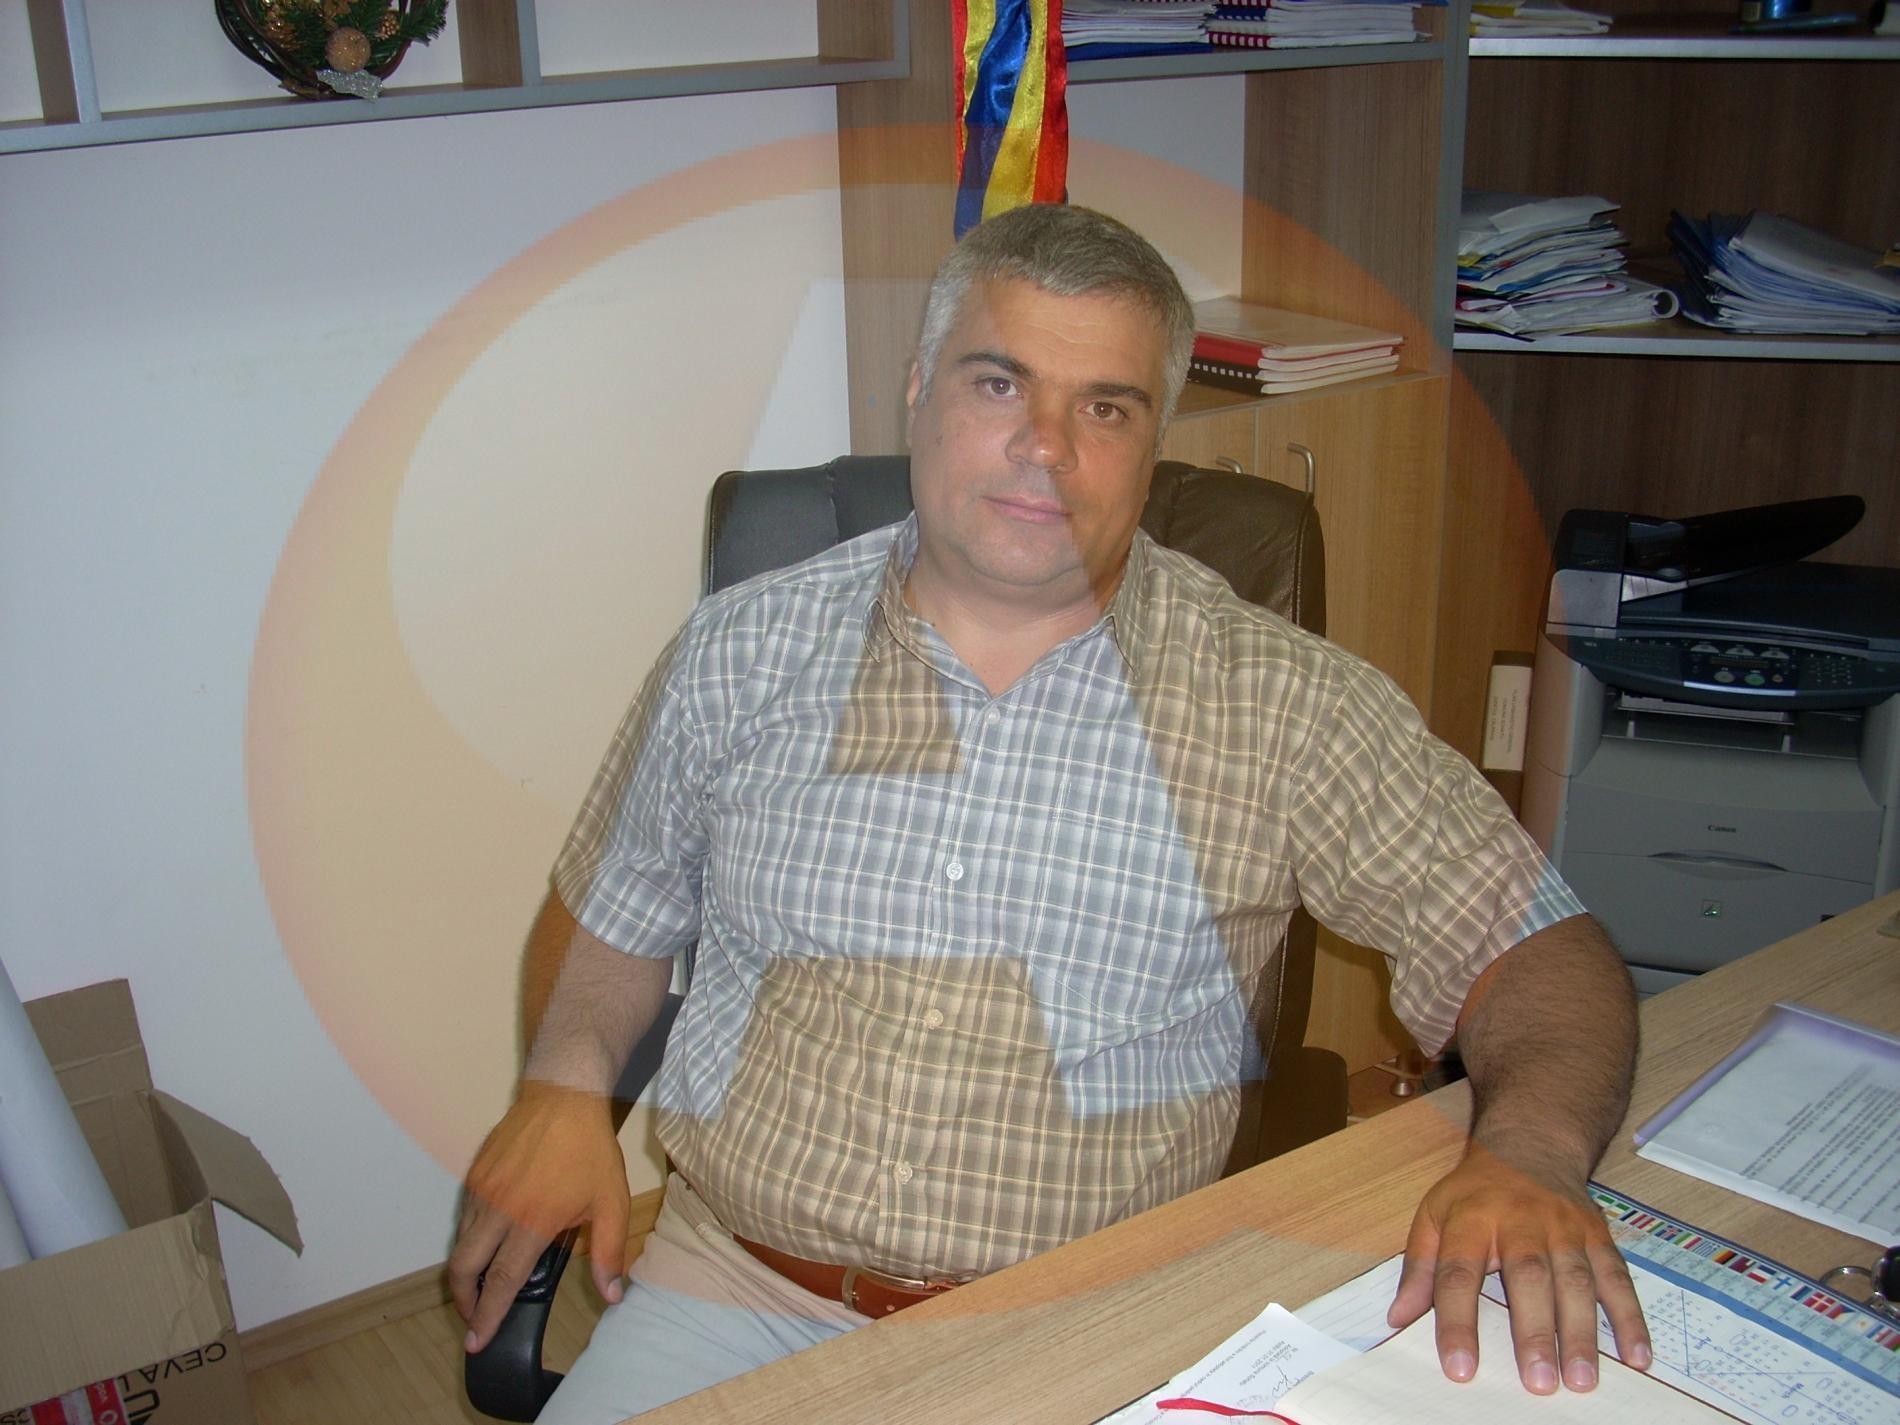 Primarul comunei Sohatu şi un consilier judeţean PP-DD au trecut la PSD